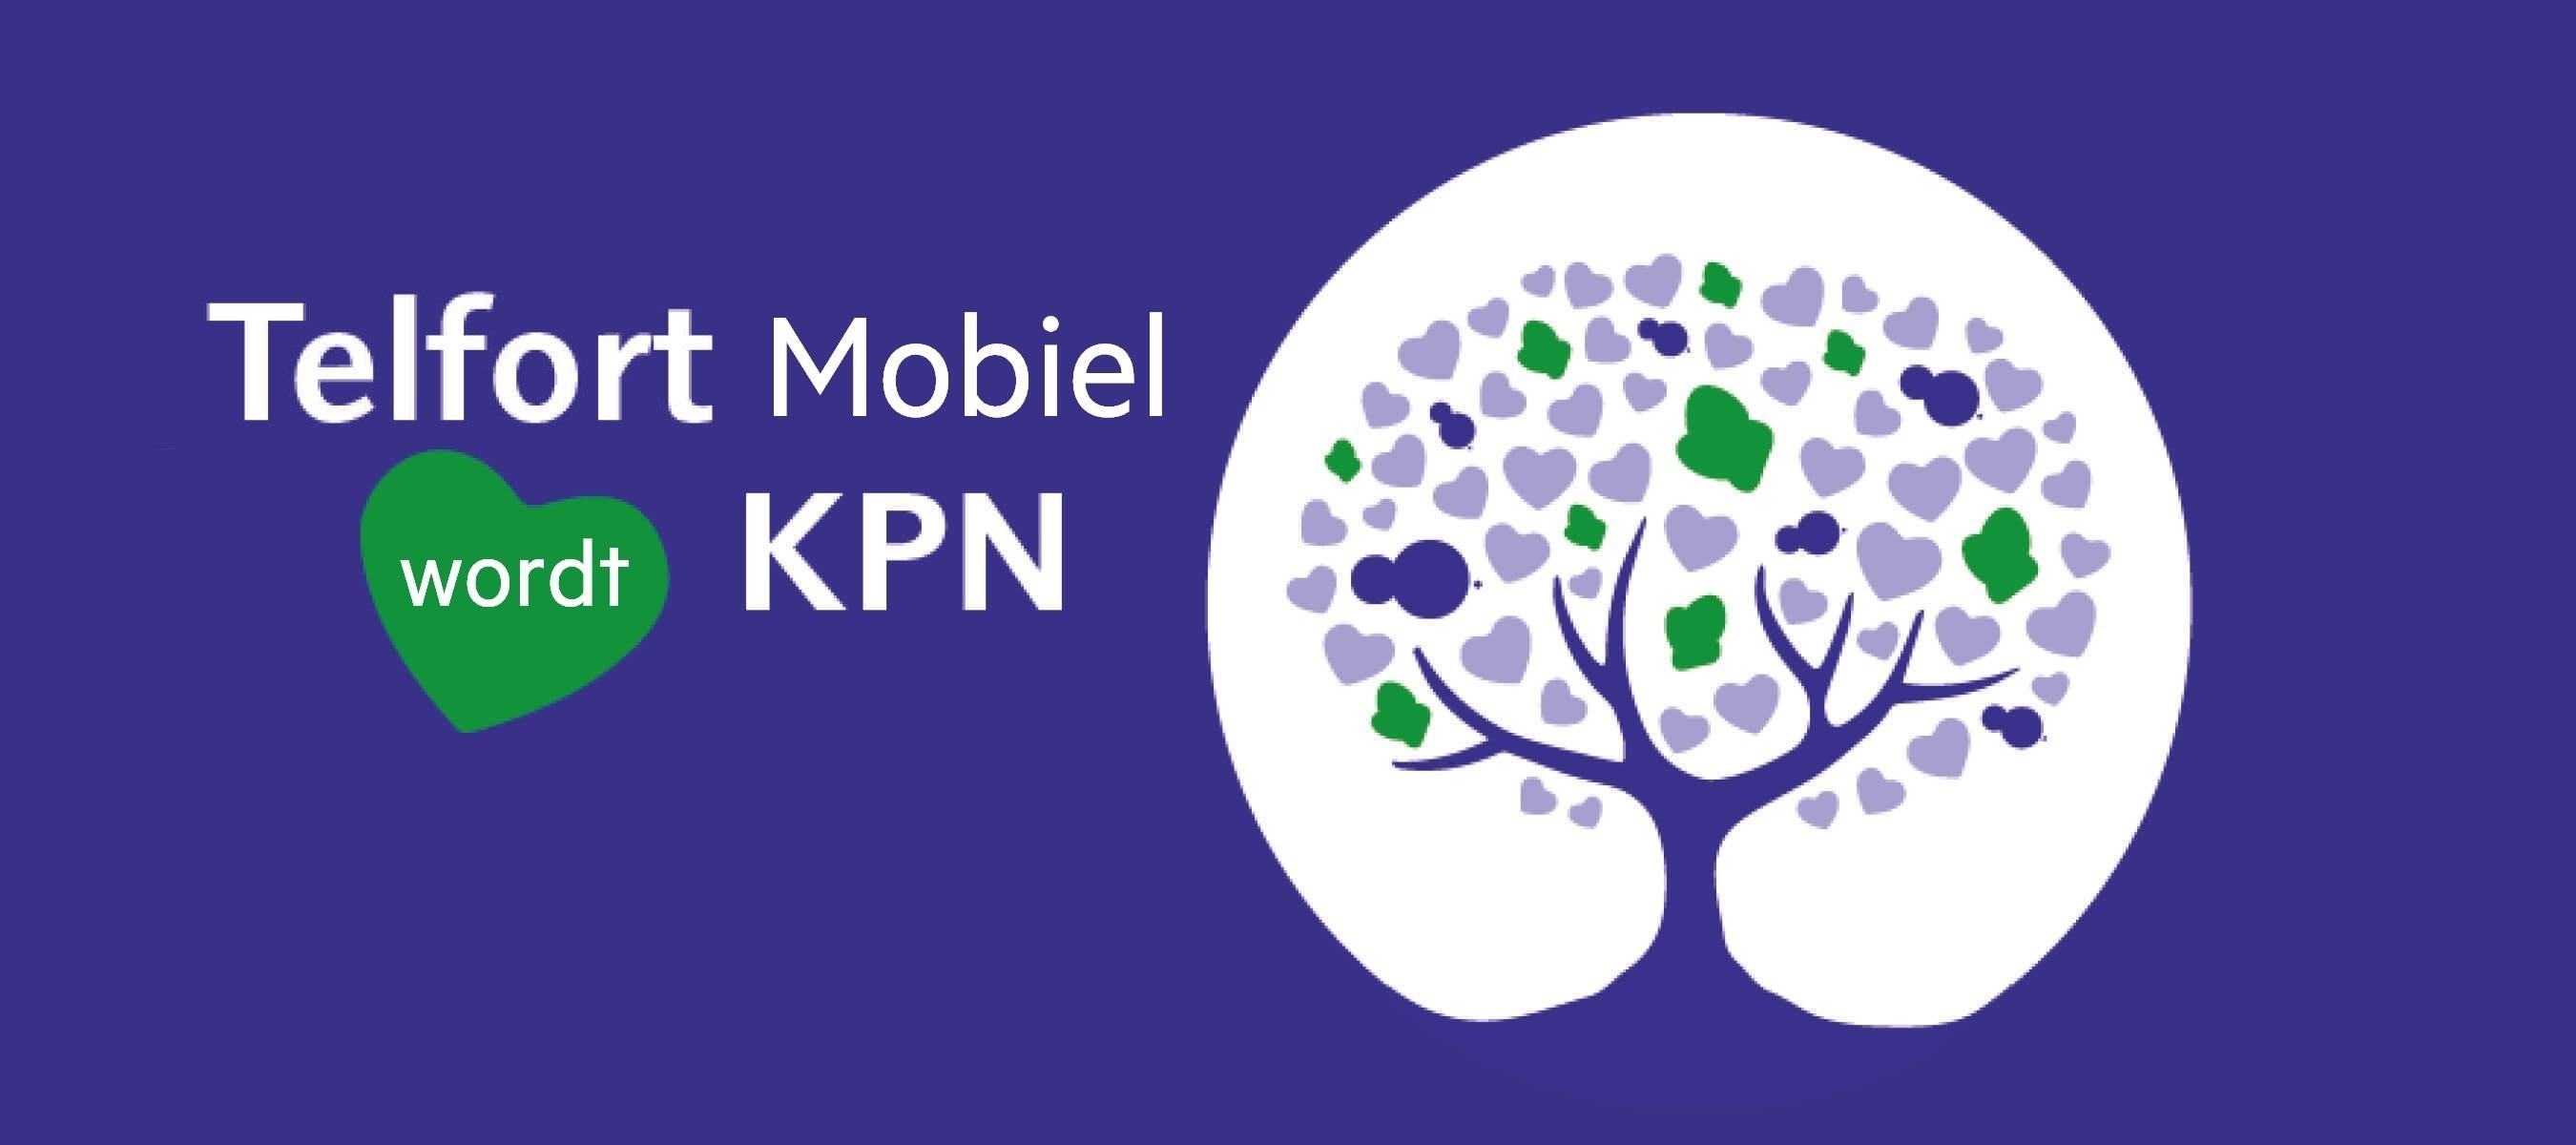 Telfort mobiel wordt KPN